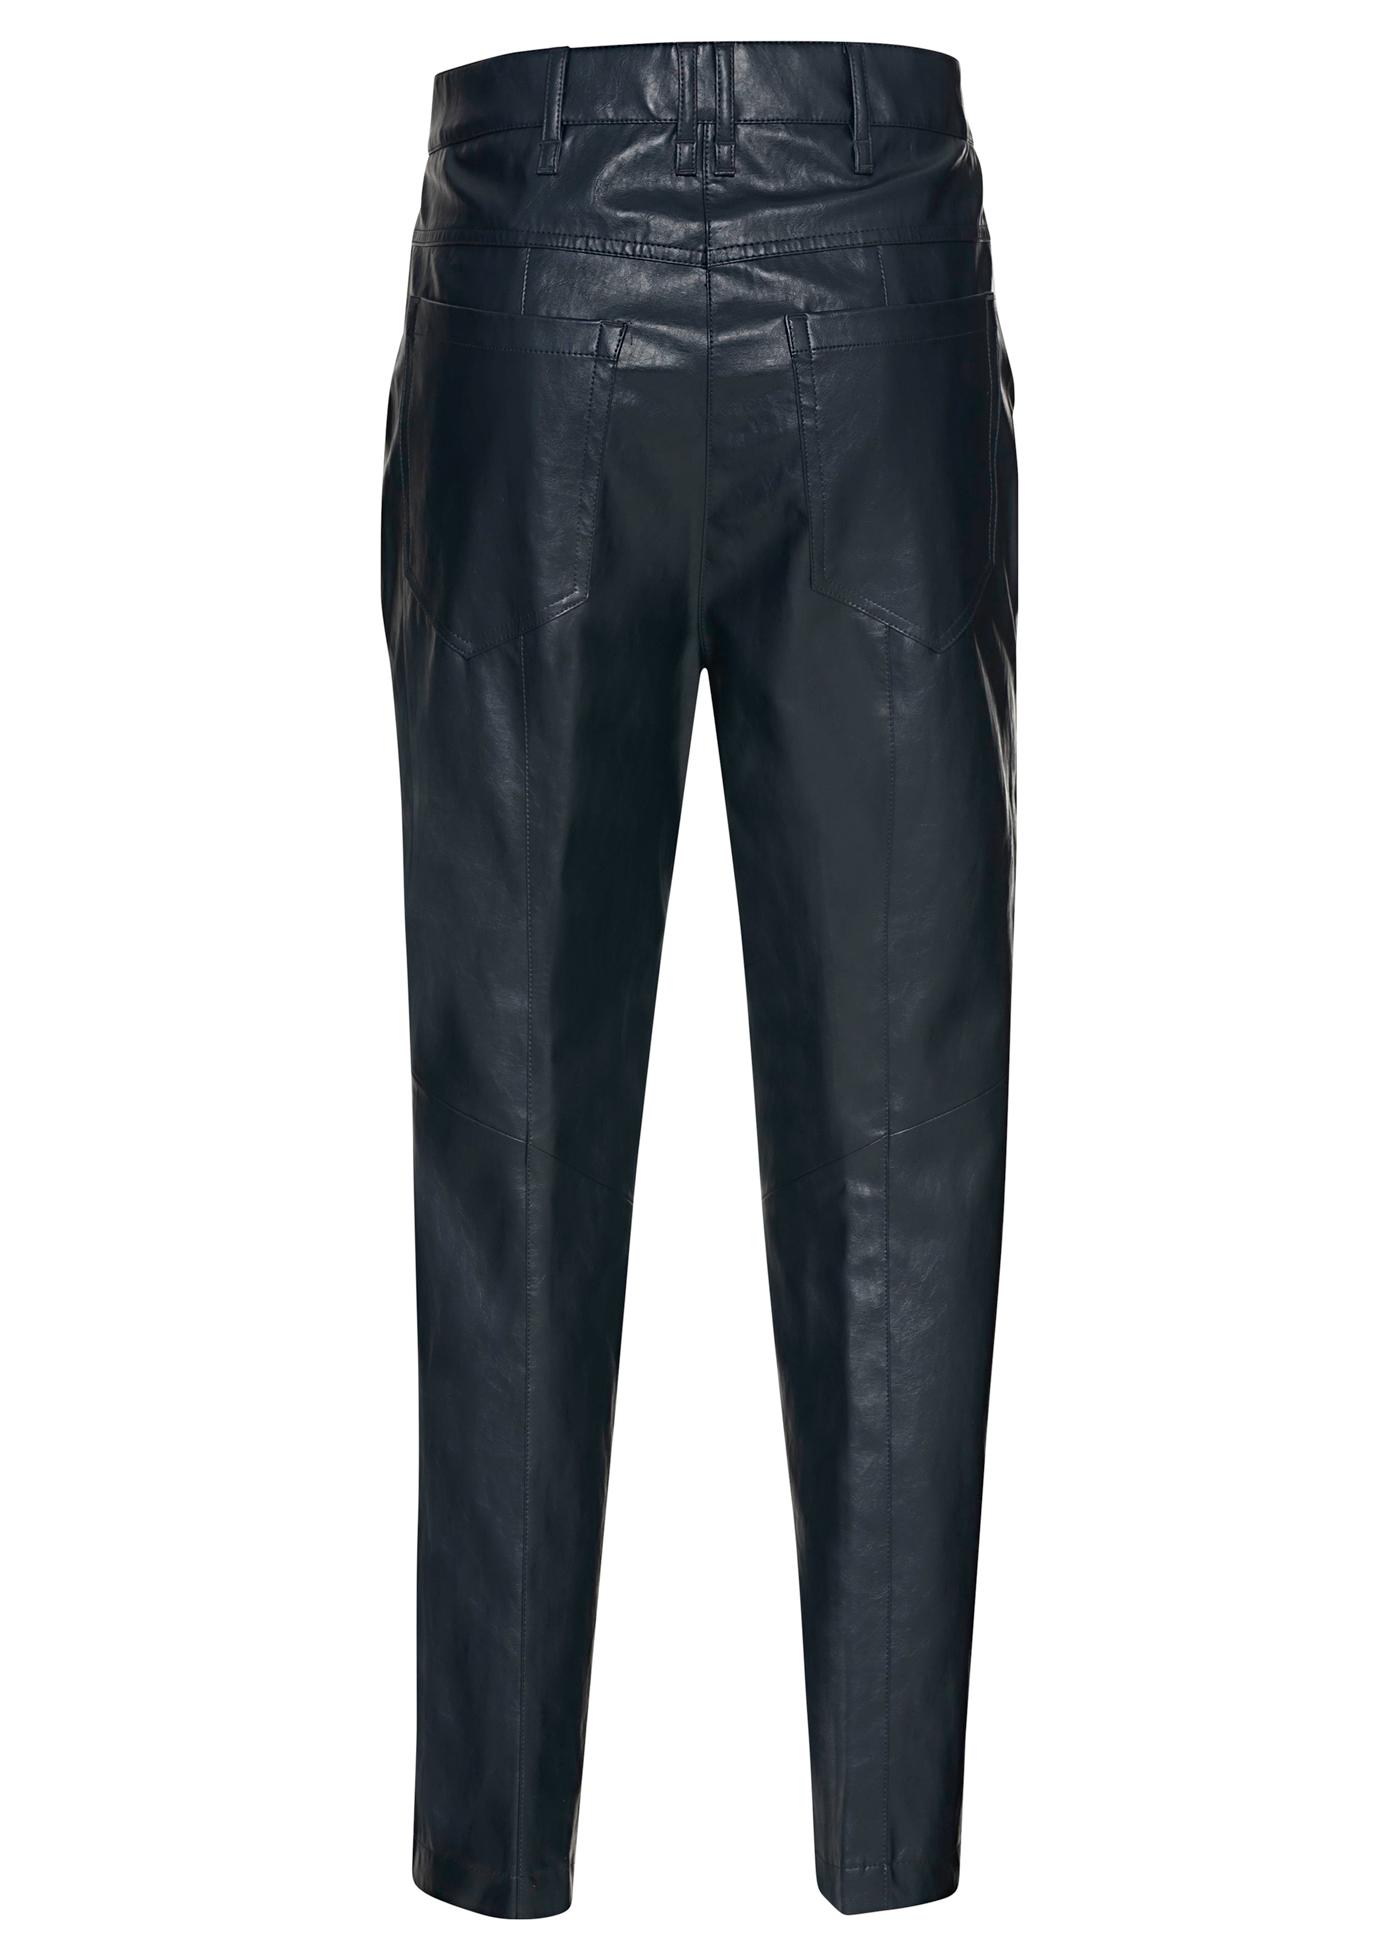 Tapered Pants in Leder-Optik image number 1